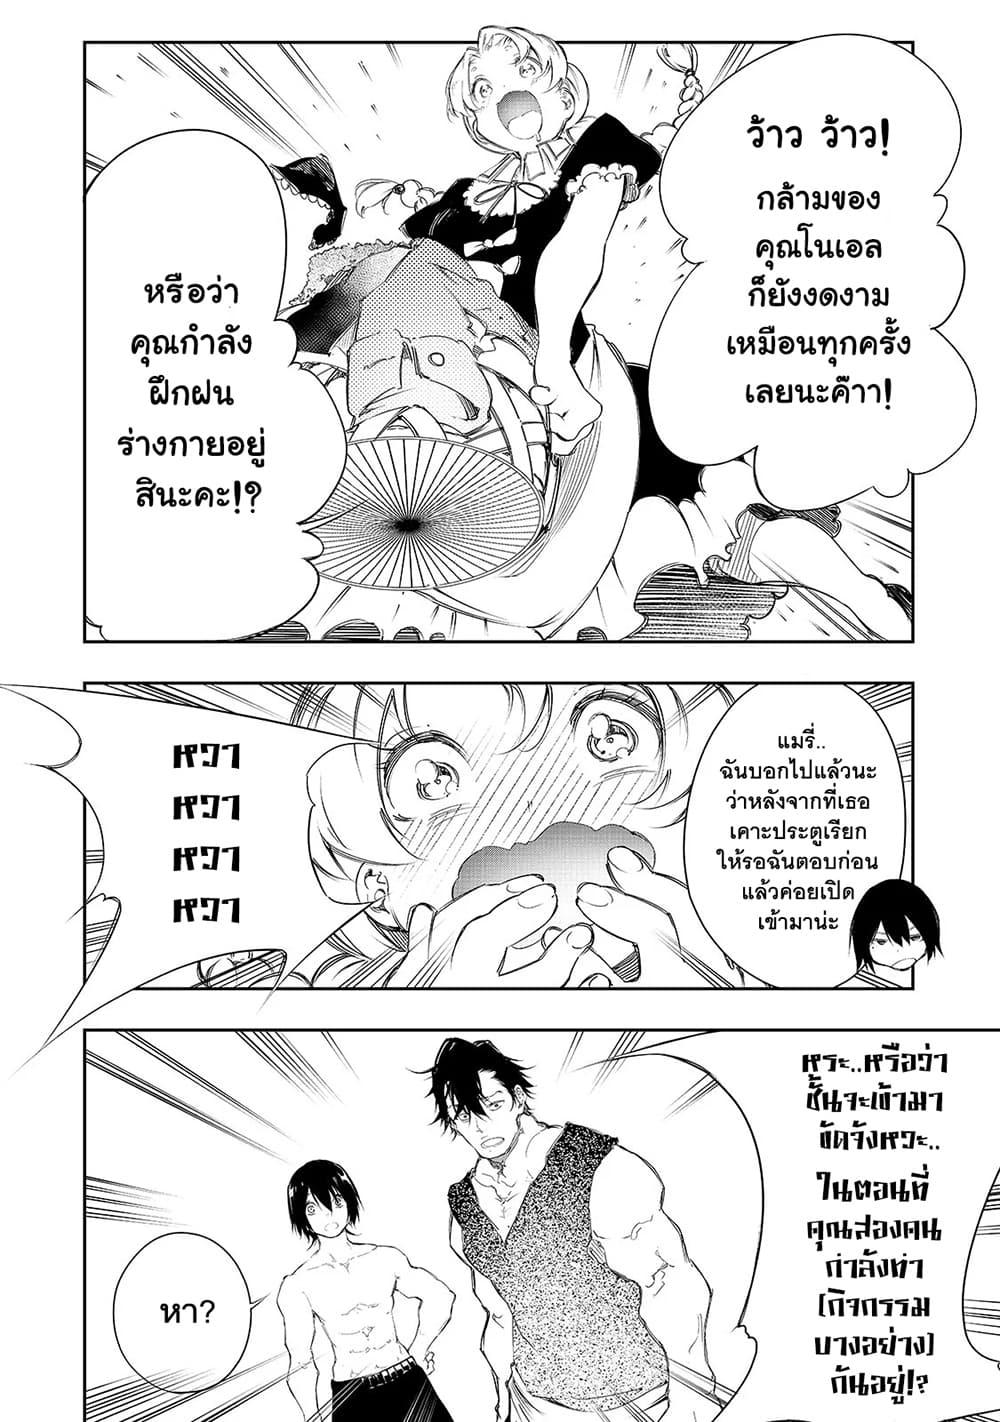 อ่านการ์ตูน Saikyou no Shien-shoku Wajutsushi Dearu Ore wa Sekai Saikyou Kuran o Shitagaeru ตอนที่ 5 หน้าที่ 9